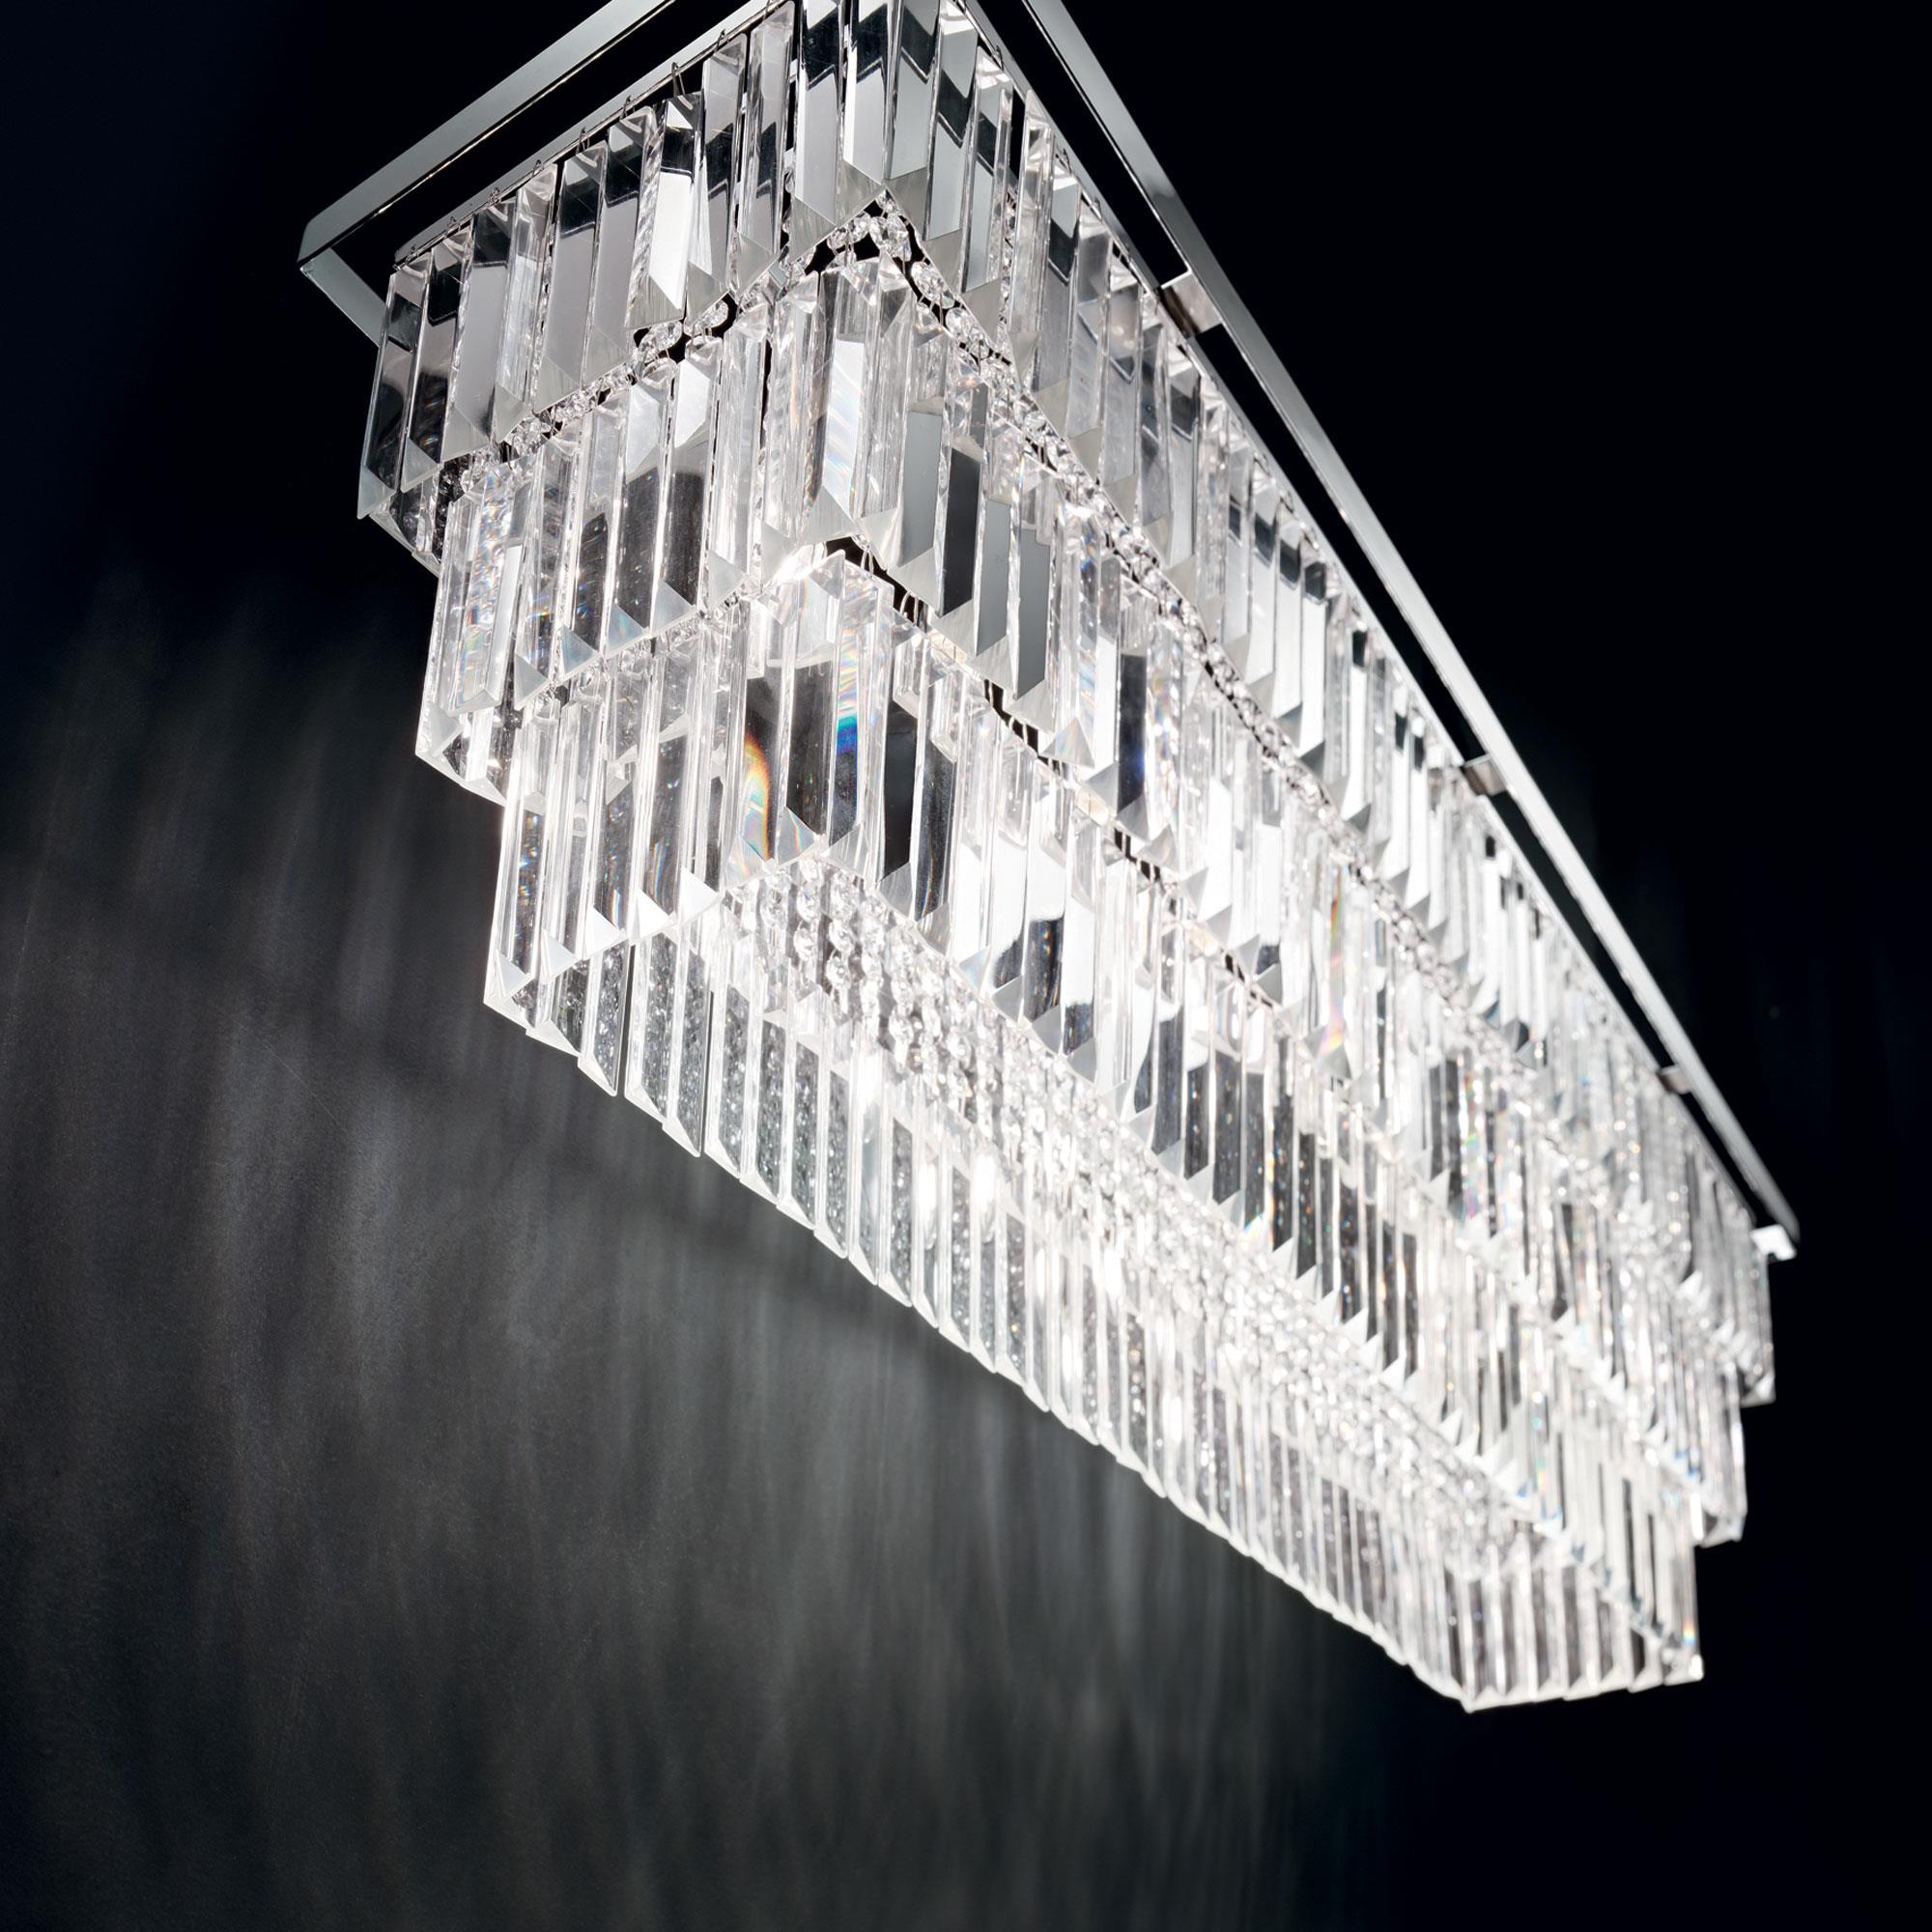 Ideal Lux 166322 MARTINEZ SP6 Cromo kristály függeszték lámpa